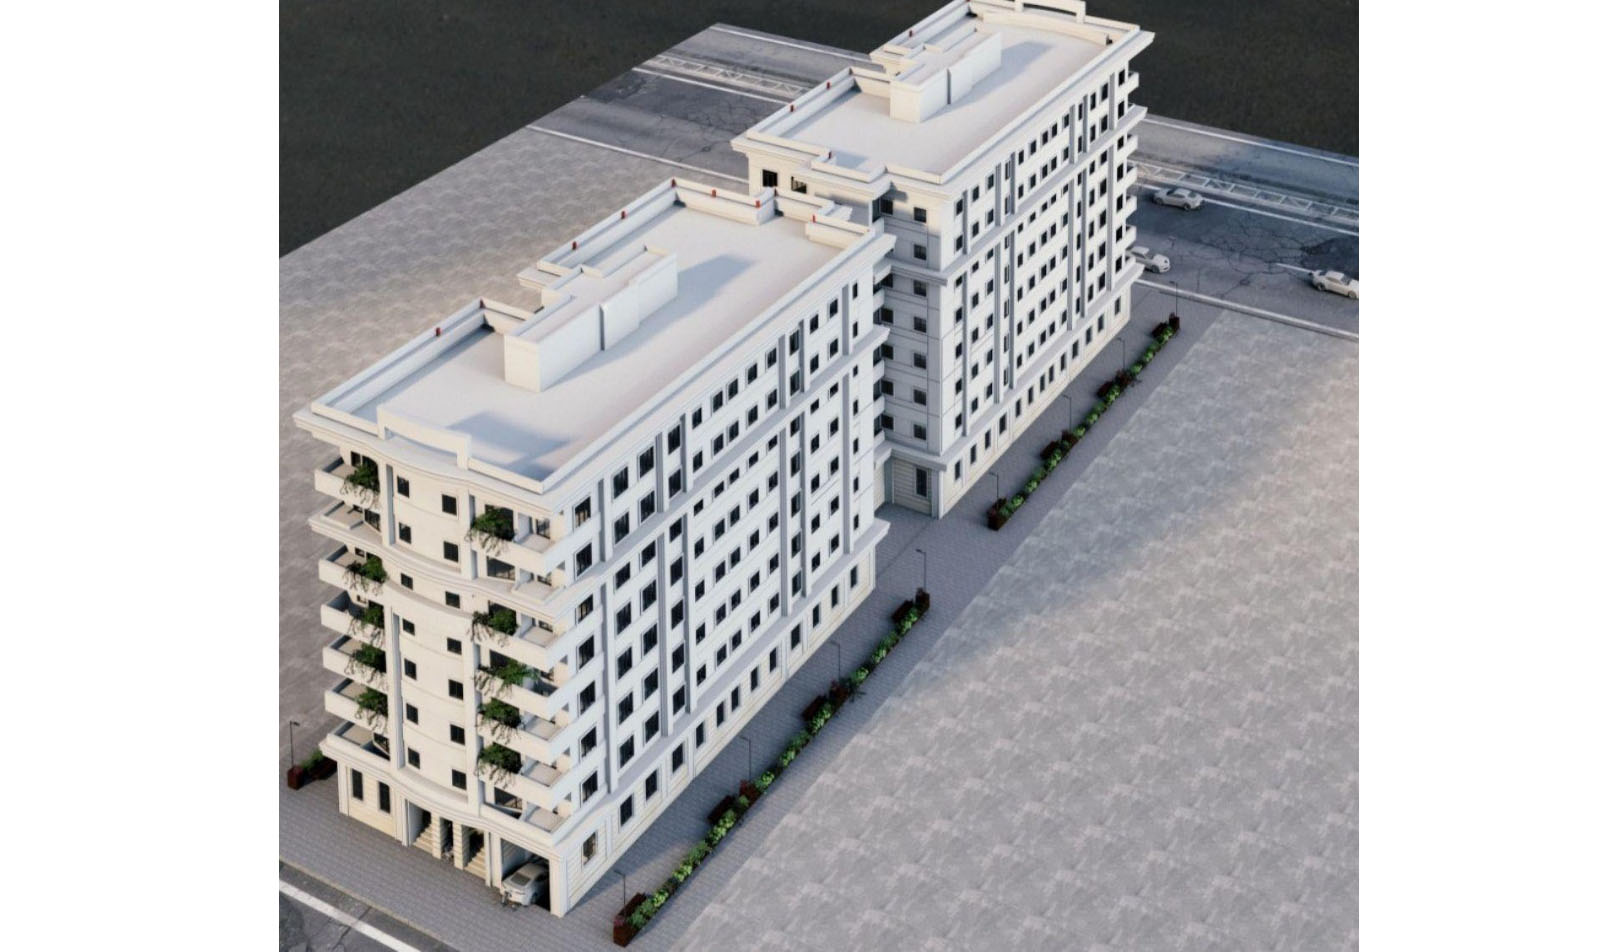 بررسی محبوبیت پروژه های نارنجستان در منطقه 22 تهران چیست؟